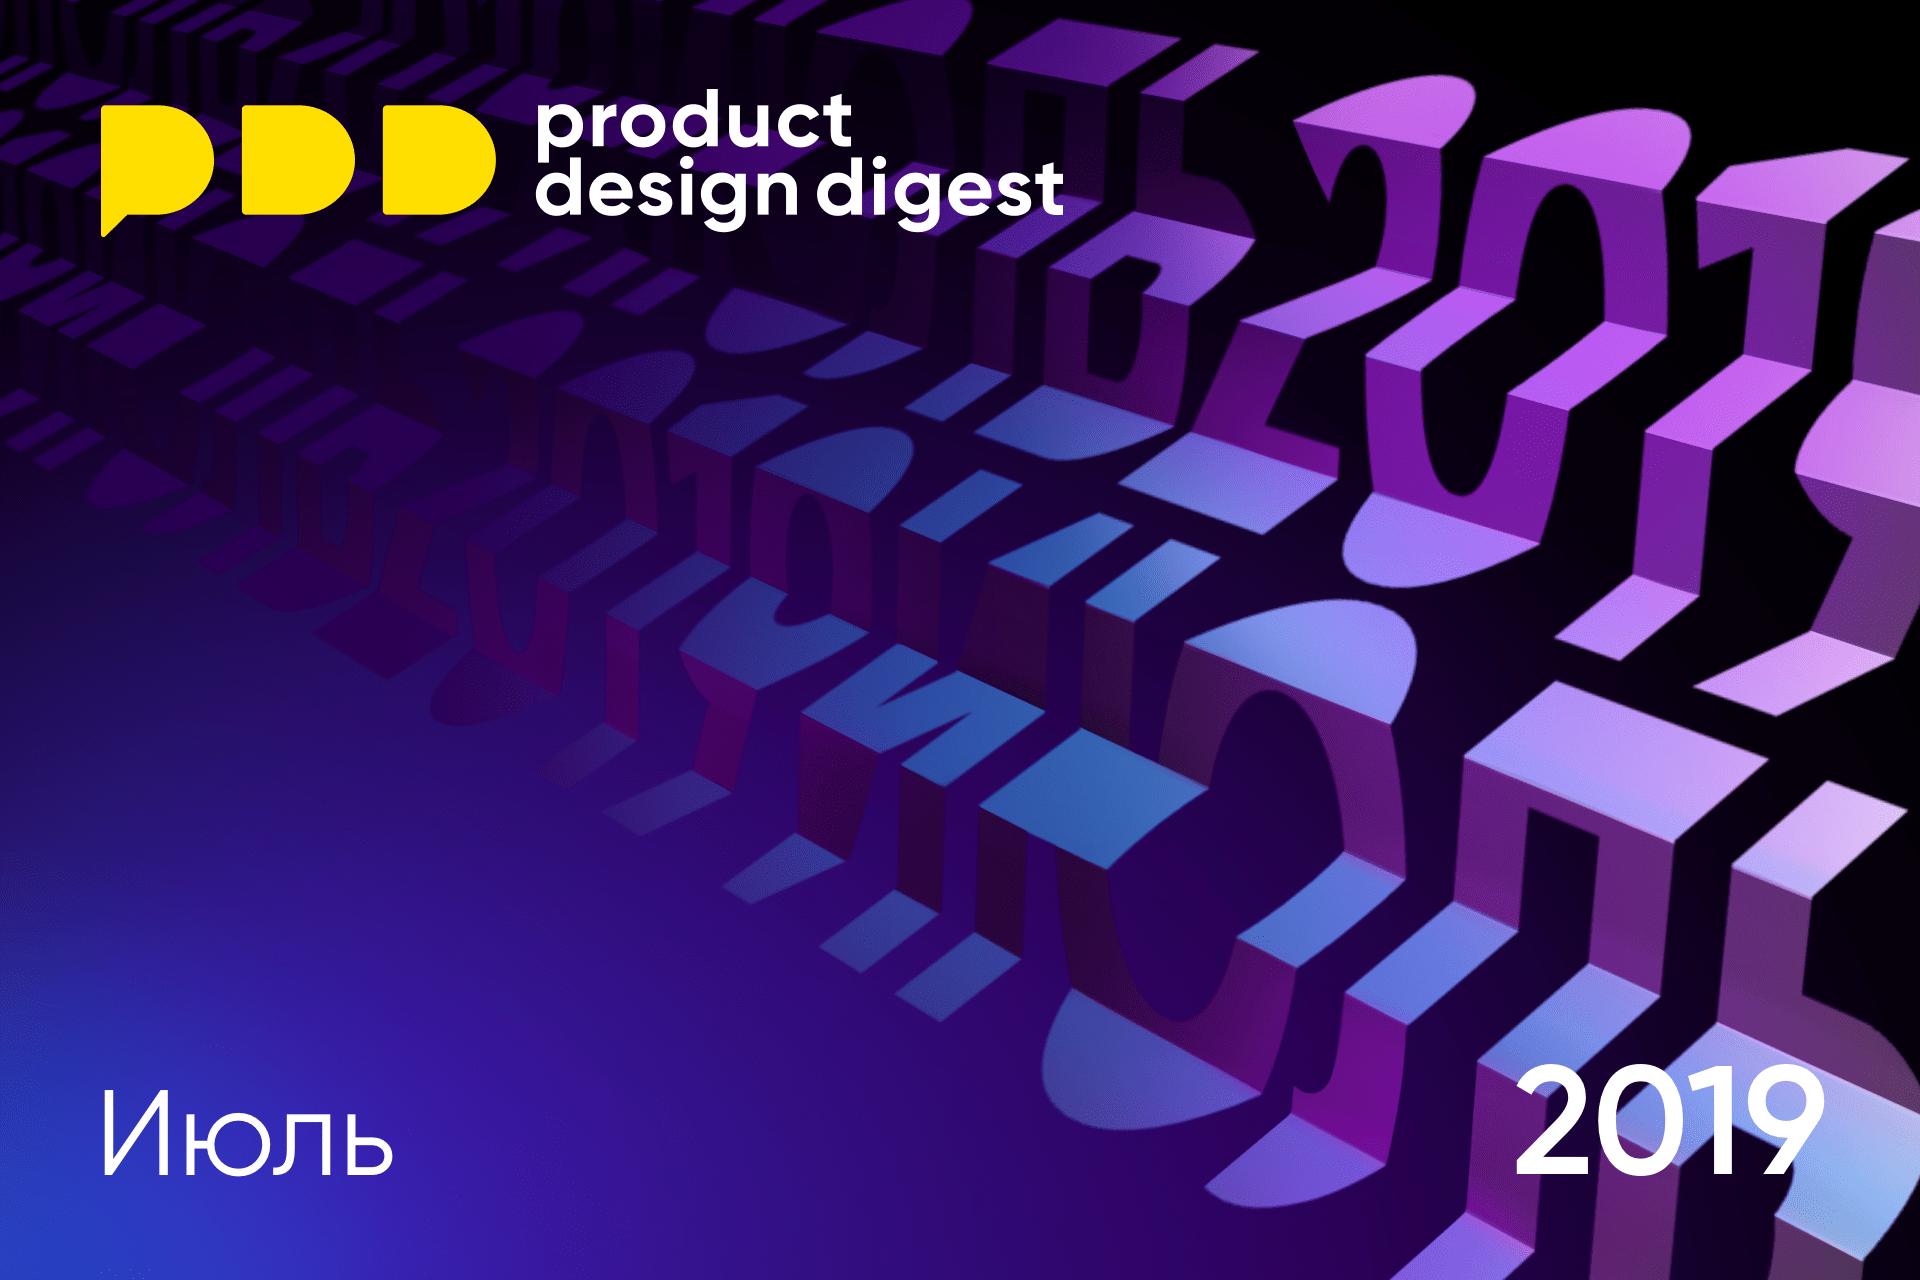 Дайджест продуктового дизайна, июль 2019 - 1